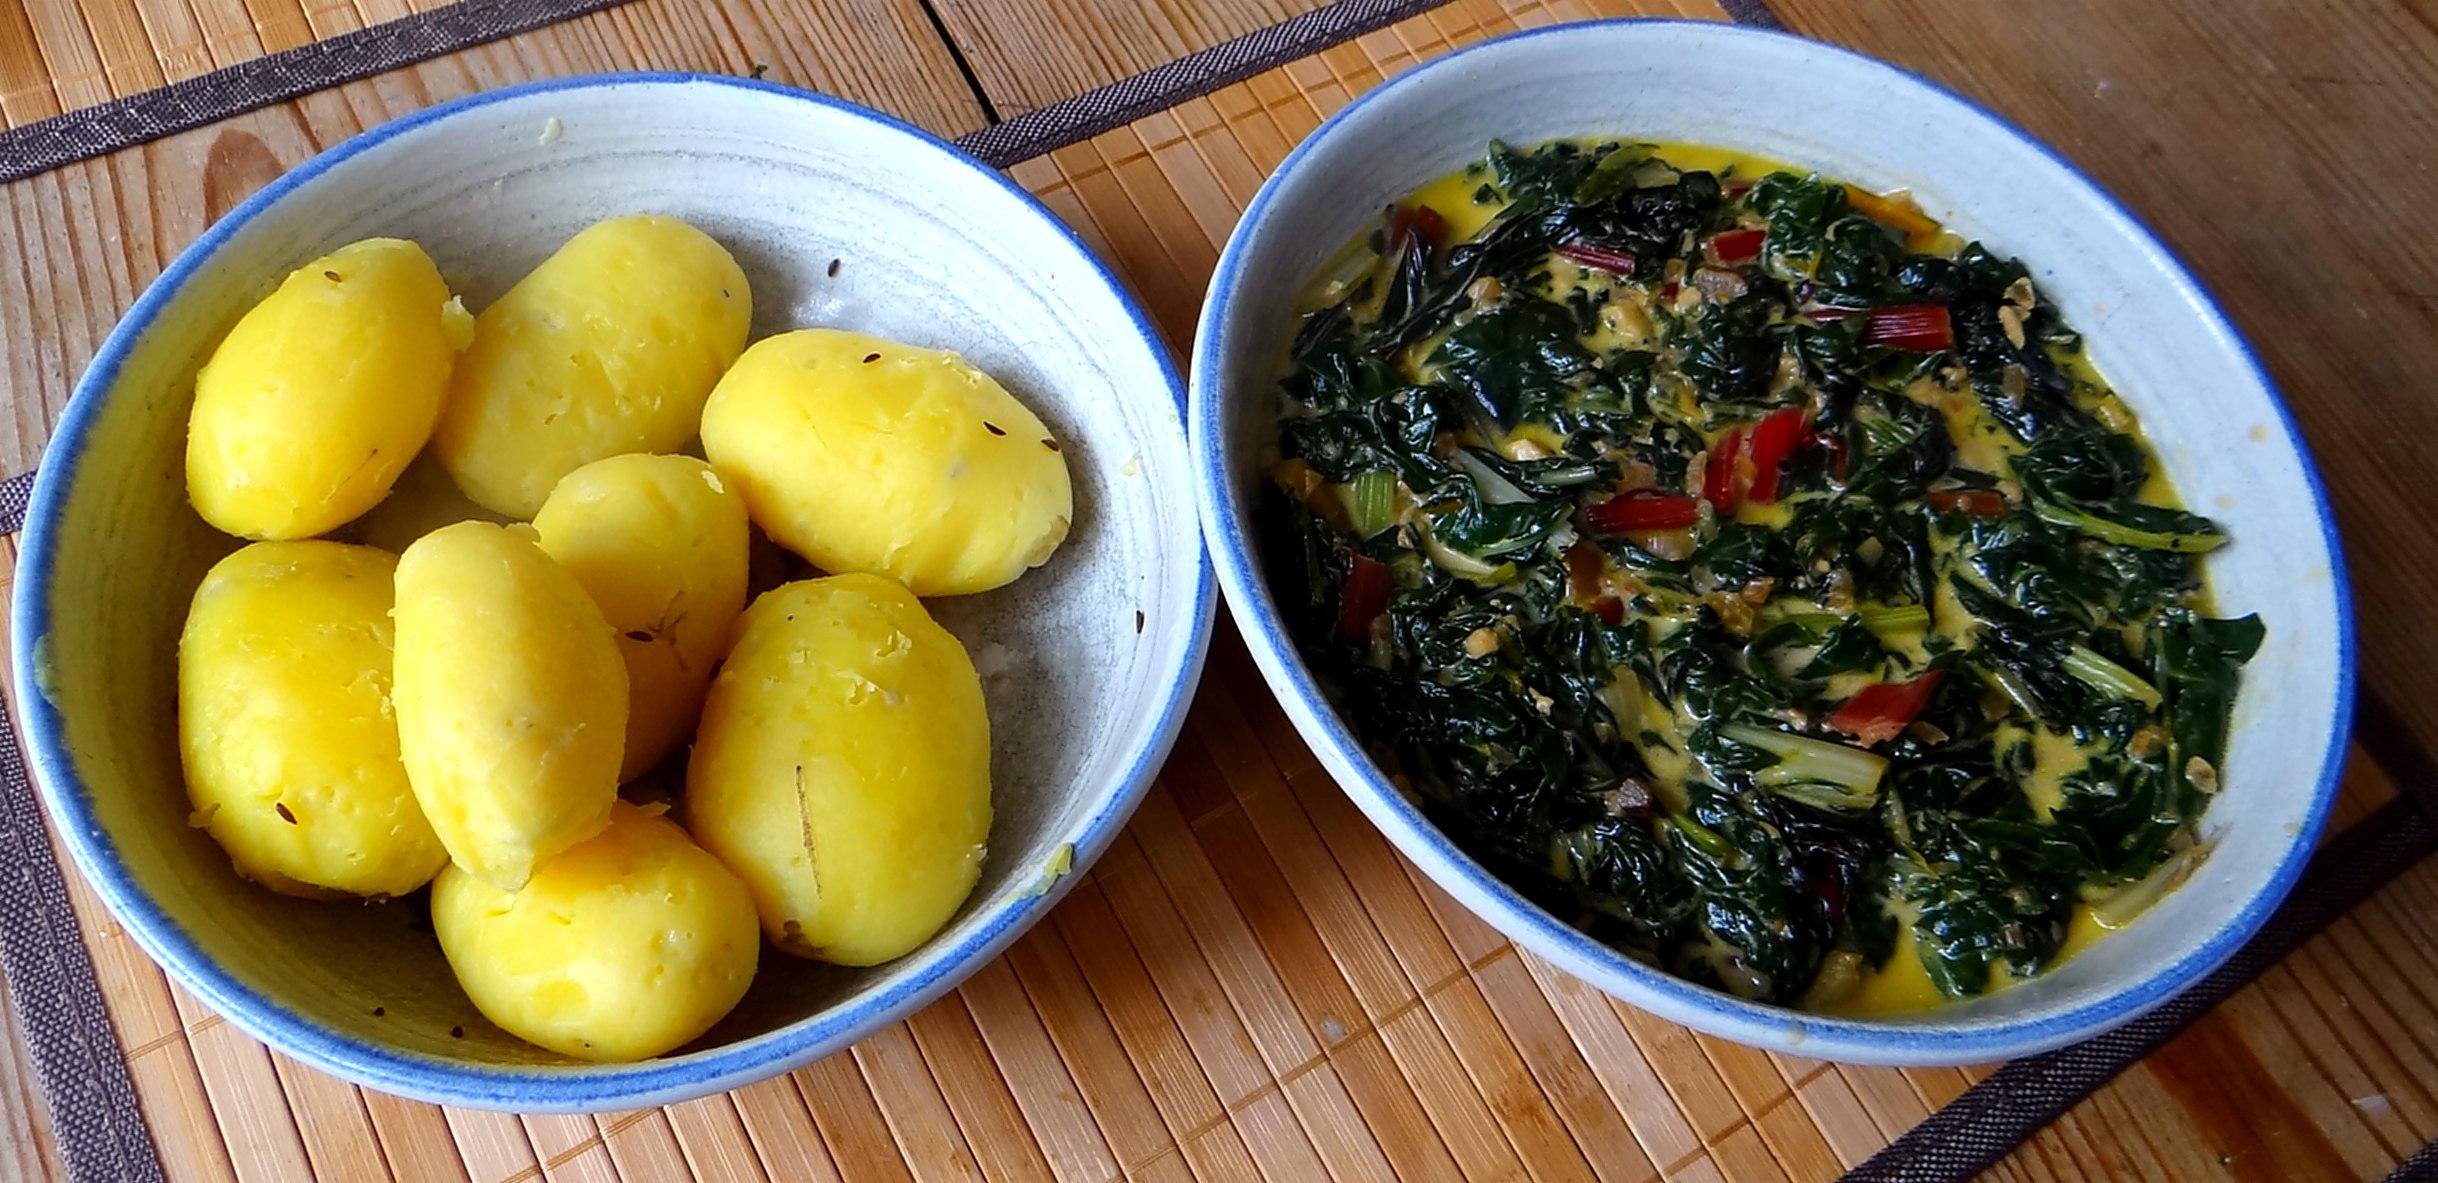 Mangold,Pellkartoffeln,Frische Feigen,Vegetarisch (12)